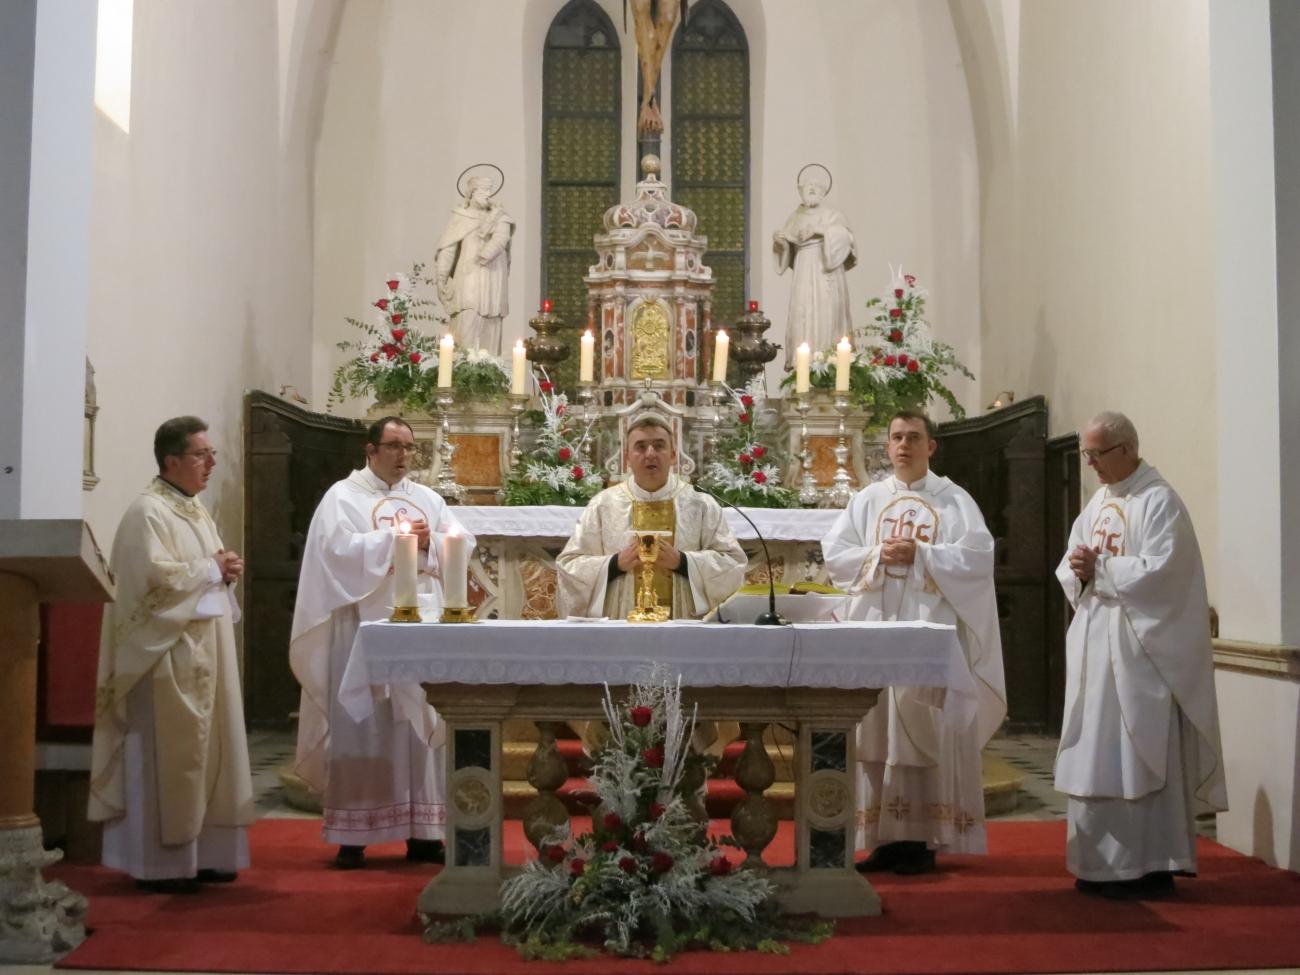 Slavlje svete mise